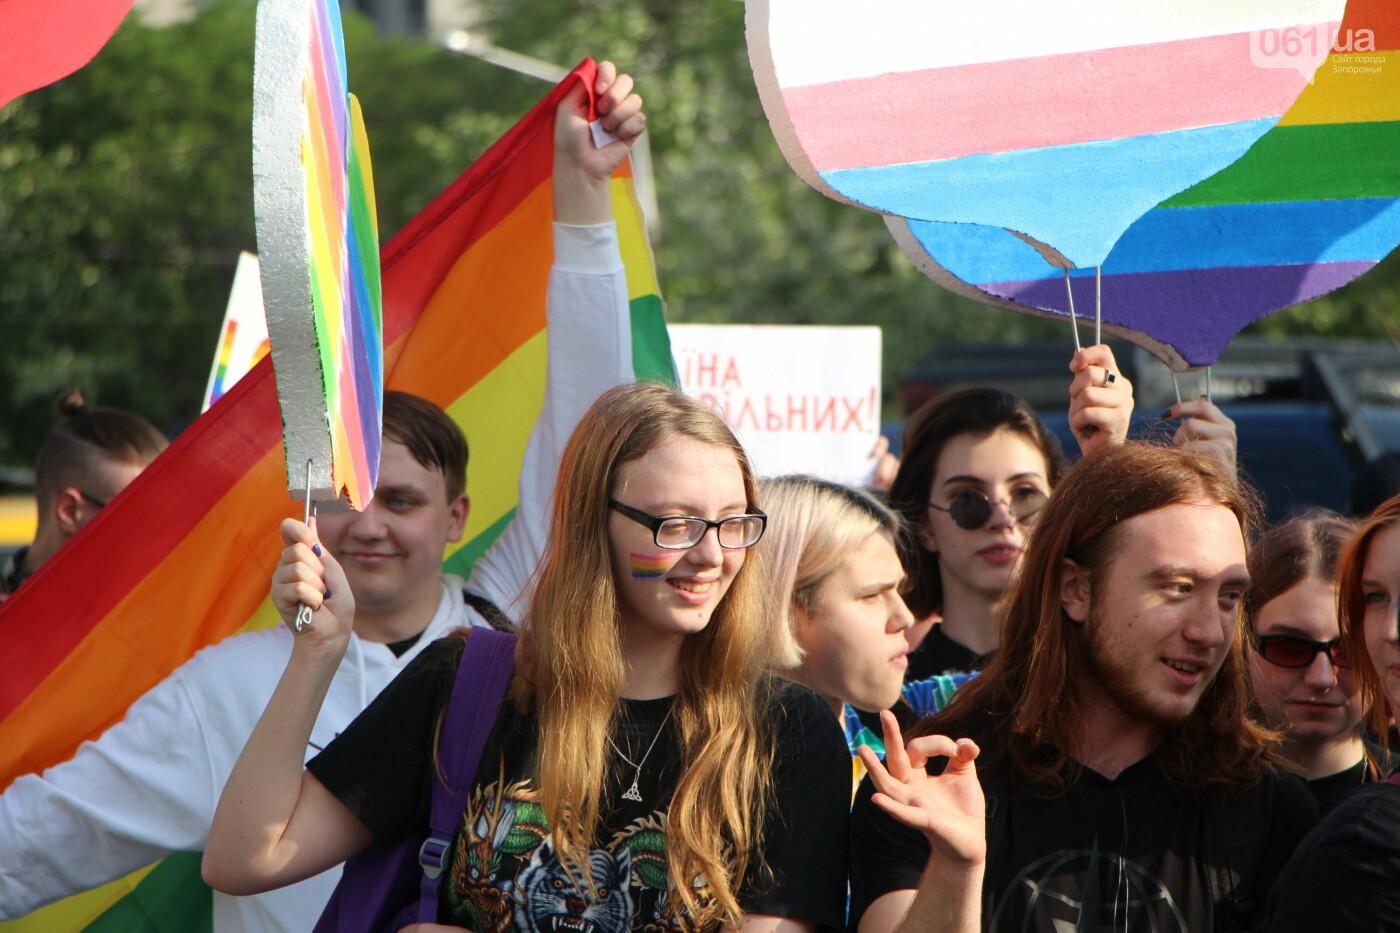 """""""Радужный флешмоб"""" переехал из-за угрозы насилия: как прошла ЛГБТ-акция в Запорожье, - ФОТОРЕПОРТАЖ, фото-28"""